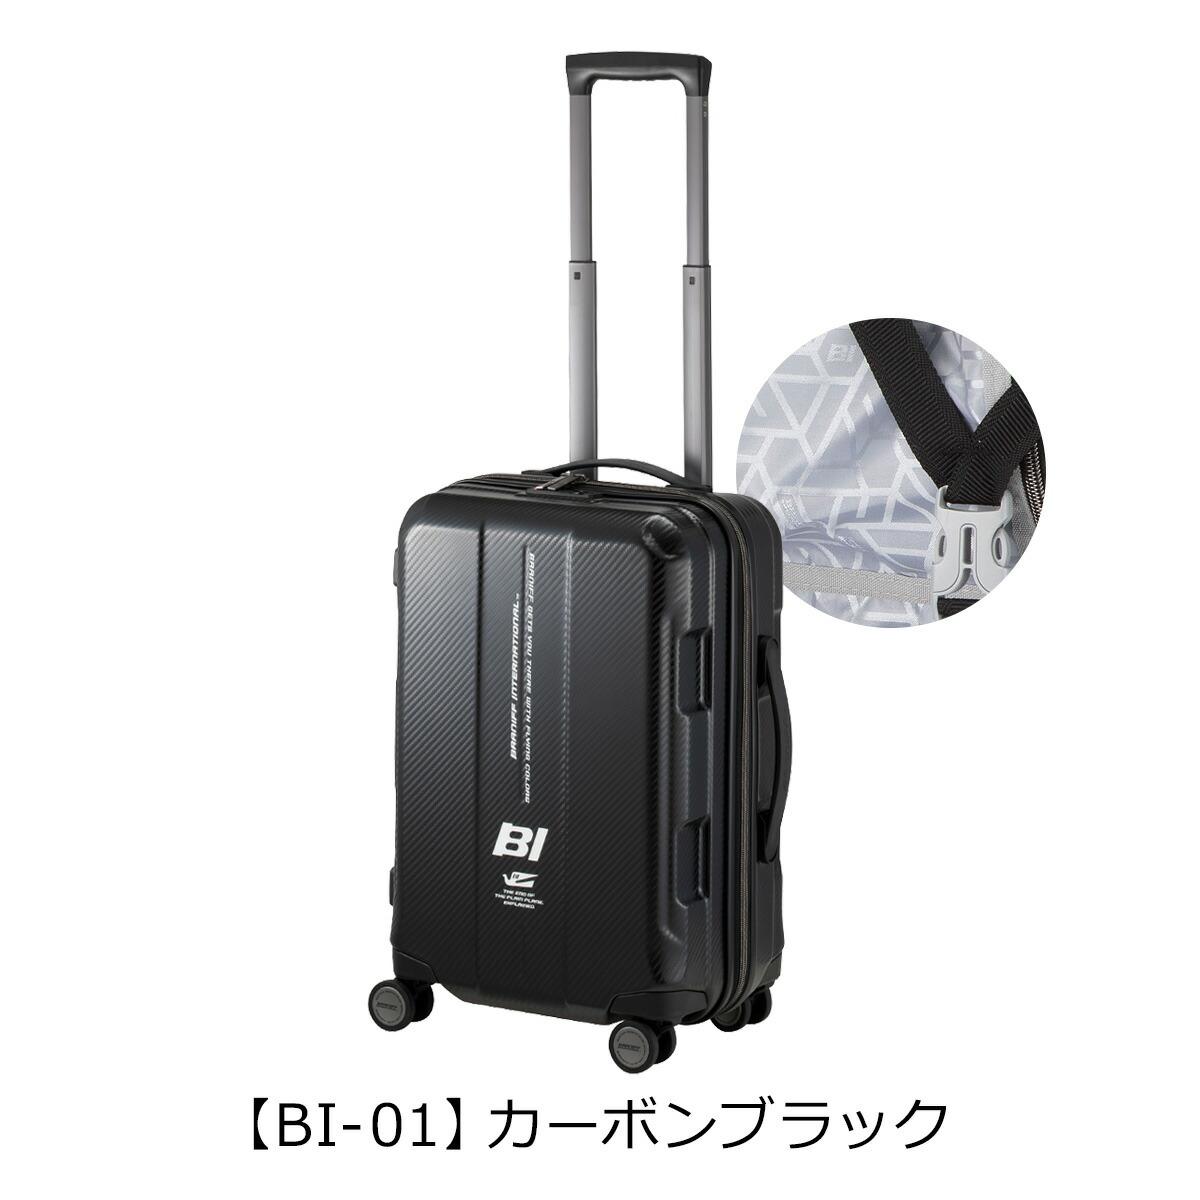 【BI-01】カーボンブラック